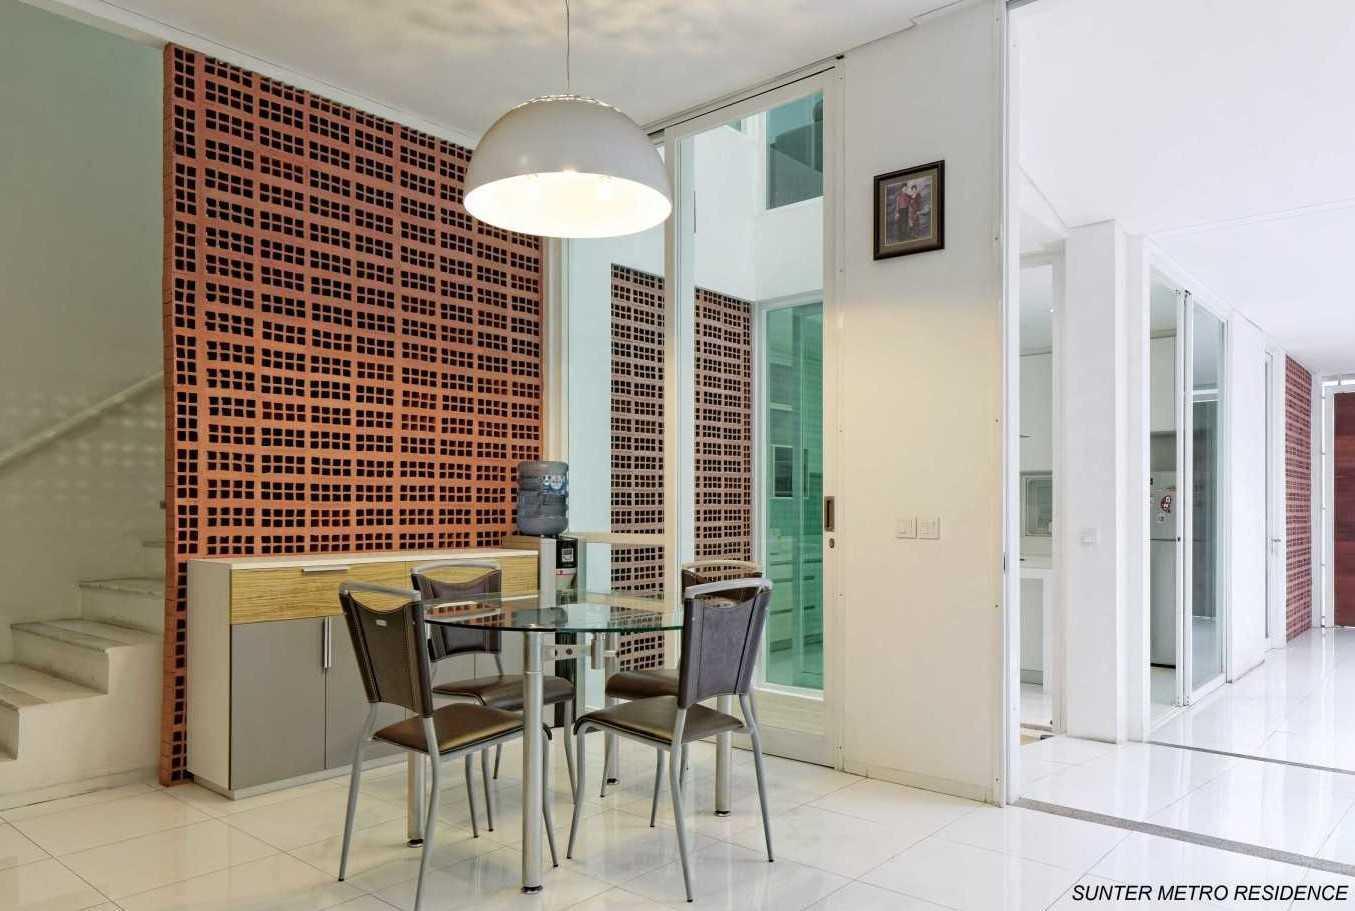 Atelier Cosmas Gozali Sunter Residence Sunter, North Jakarta Sunter, North Jakarta Dining Room Tropis  31252